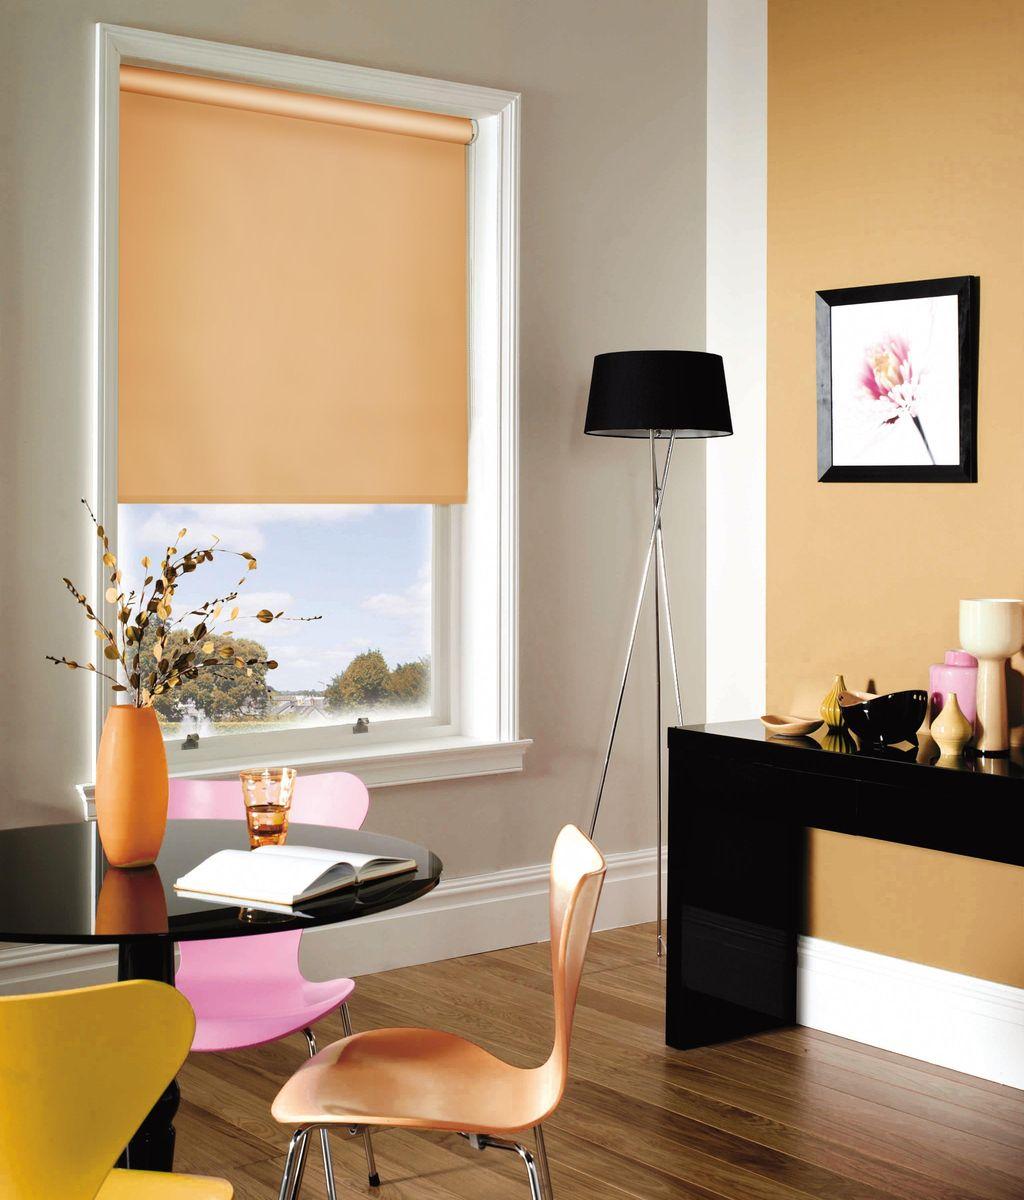 Штора рулонная Эскар, цвет: абрикосовый, ширина 120 см, высота 170 см80653Рулонными шторами можно оформлять окна как самостоятельно, так и использовать в комбинации с портьерами. Это поможет предотвратить выгорание дорогой ткани на солнце и соединит функционал рулонных с красотой навесных.Преимущества применения рулонных штор для пластиковых окон:- имеют прекрасный внешний вид: многообразие и фактурность материала изделия отлично смотрятся в любом интерьере; - многофункциональны: есть возможность подобрать шторы способные эффективно защитить комнату от солнца, при этом о на не будет слишком темной. - Есть возможность осуществить быстрый монтаж. ВНИМАНИЕ! Размеры ширины изделия указаны по ширине ткани!Во время эксплуатации не рекомендуется полностью разматывать рулон, чтобы не оторвать ткань от намоточного вала.В случае загрязнения поверхности ткани, чистку шторы проводят одним из способов, в зависимости от типа загрязнения: легкое поверхностное загрязнение можно удалить при помощи канцелярского ластика; чистка от пыли производится сухим методом при помощи пылесоса с мягкой щеткой-насадкой; для удаления пятна используйте мягкую губку с пенообразующим неагрессивным моющим средством или пятновыводитель на натуральной основе (нельзя применять растворители).